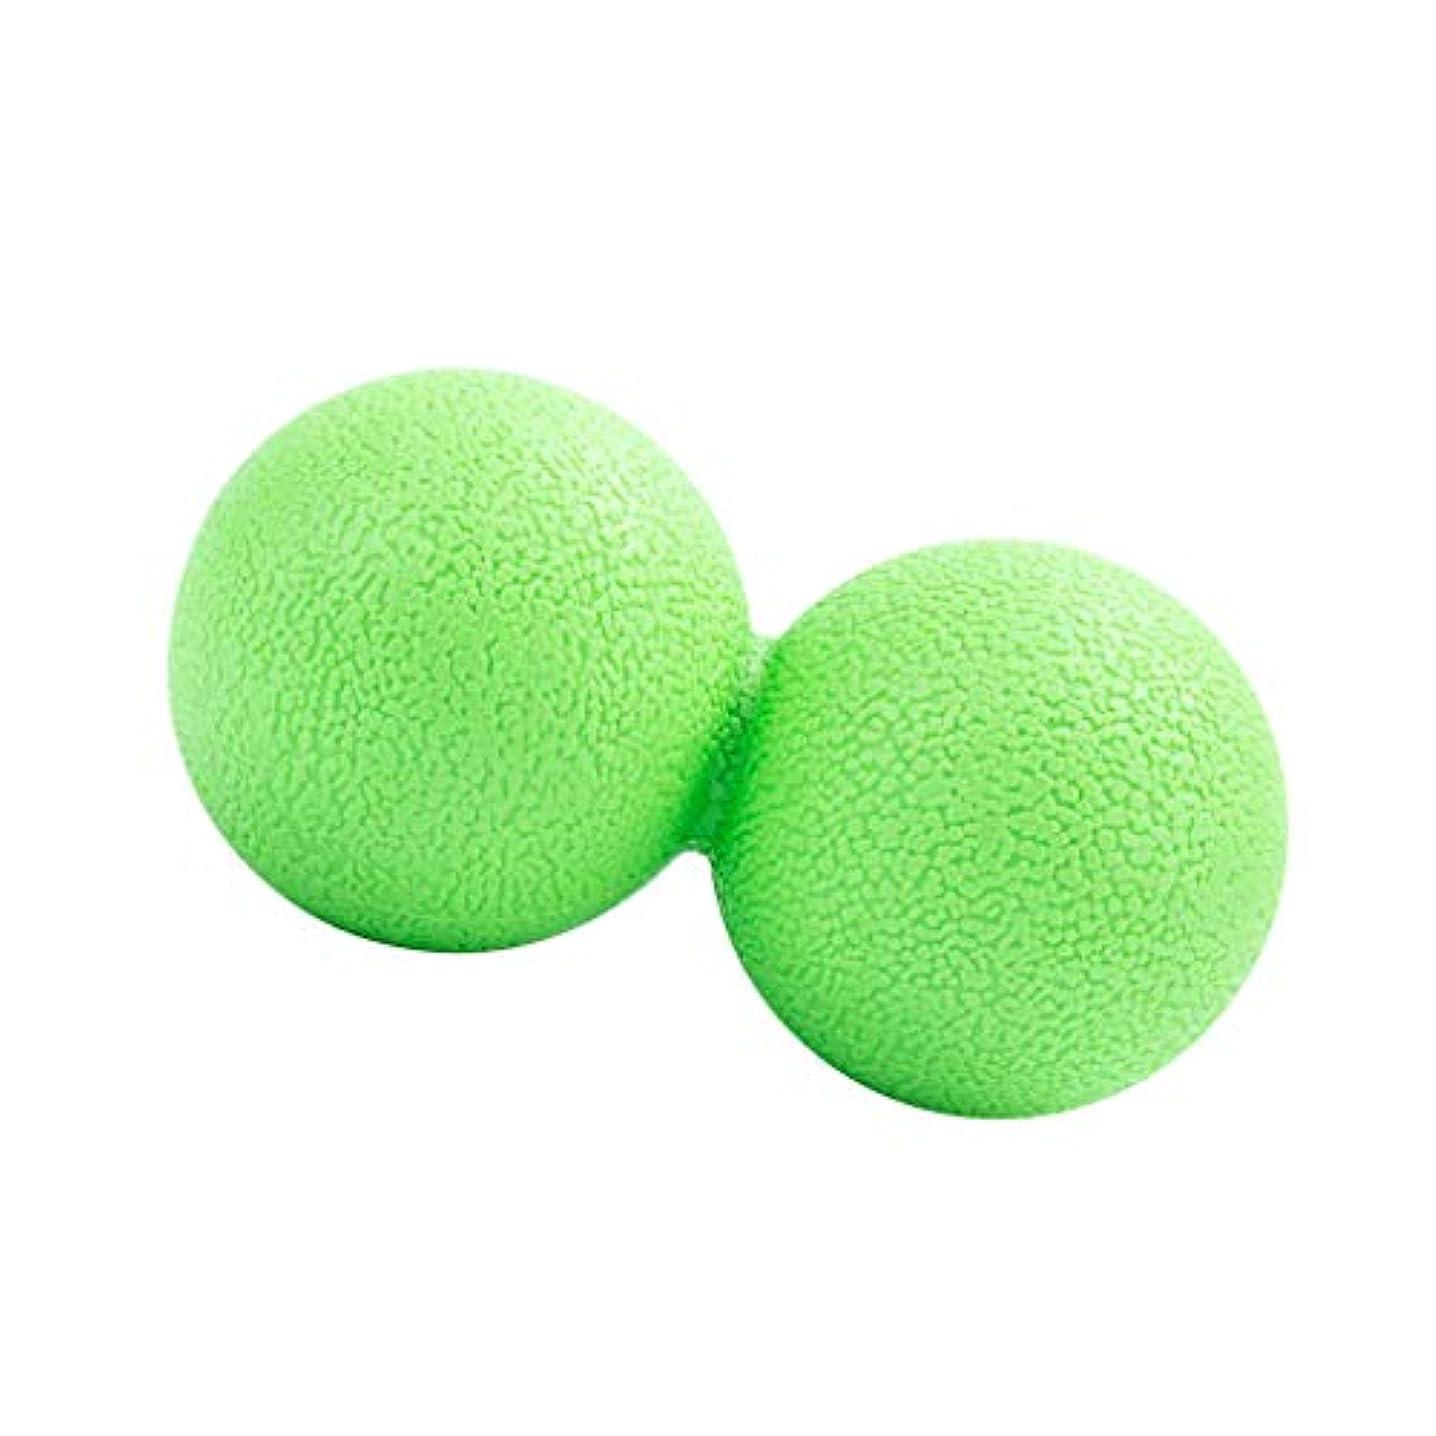 動かないはっきりしない合唱団マッサージボール ピーナッツ型 筋リラクサー モビリティボール 健康器具 全2色 - 緑, 13cm